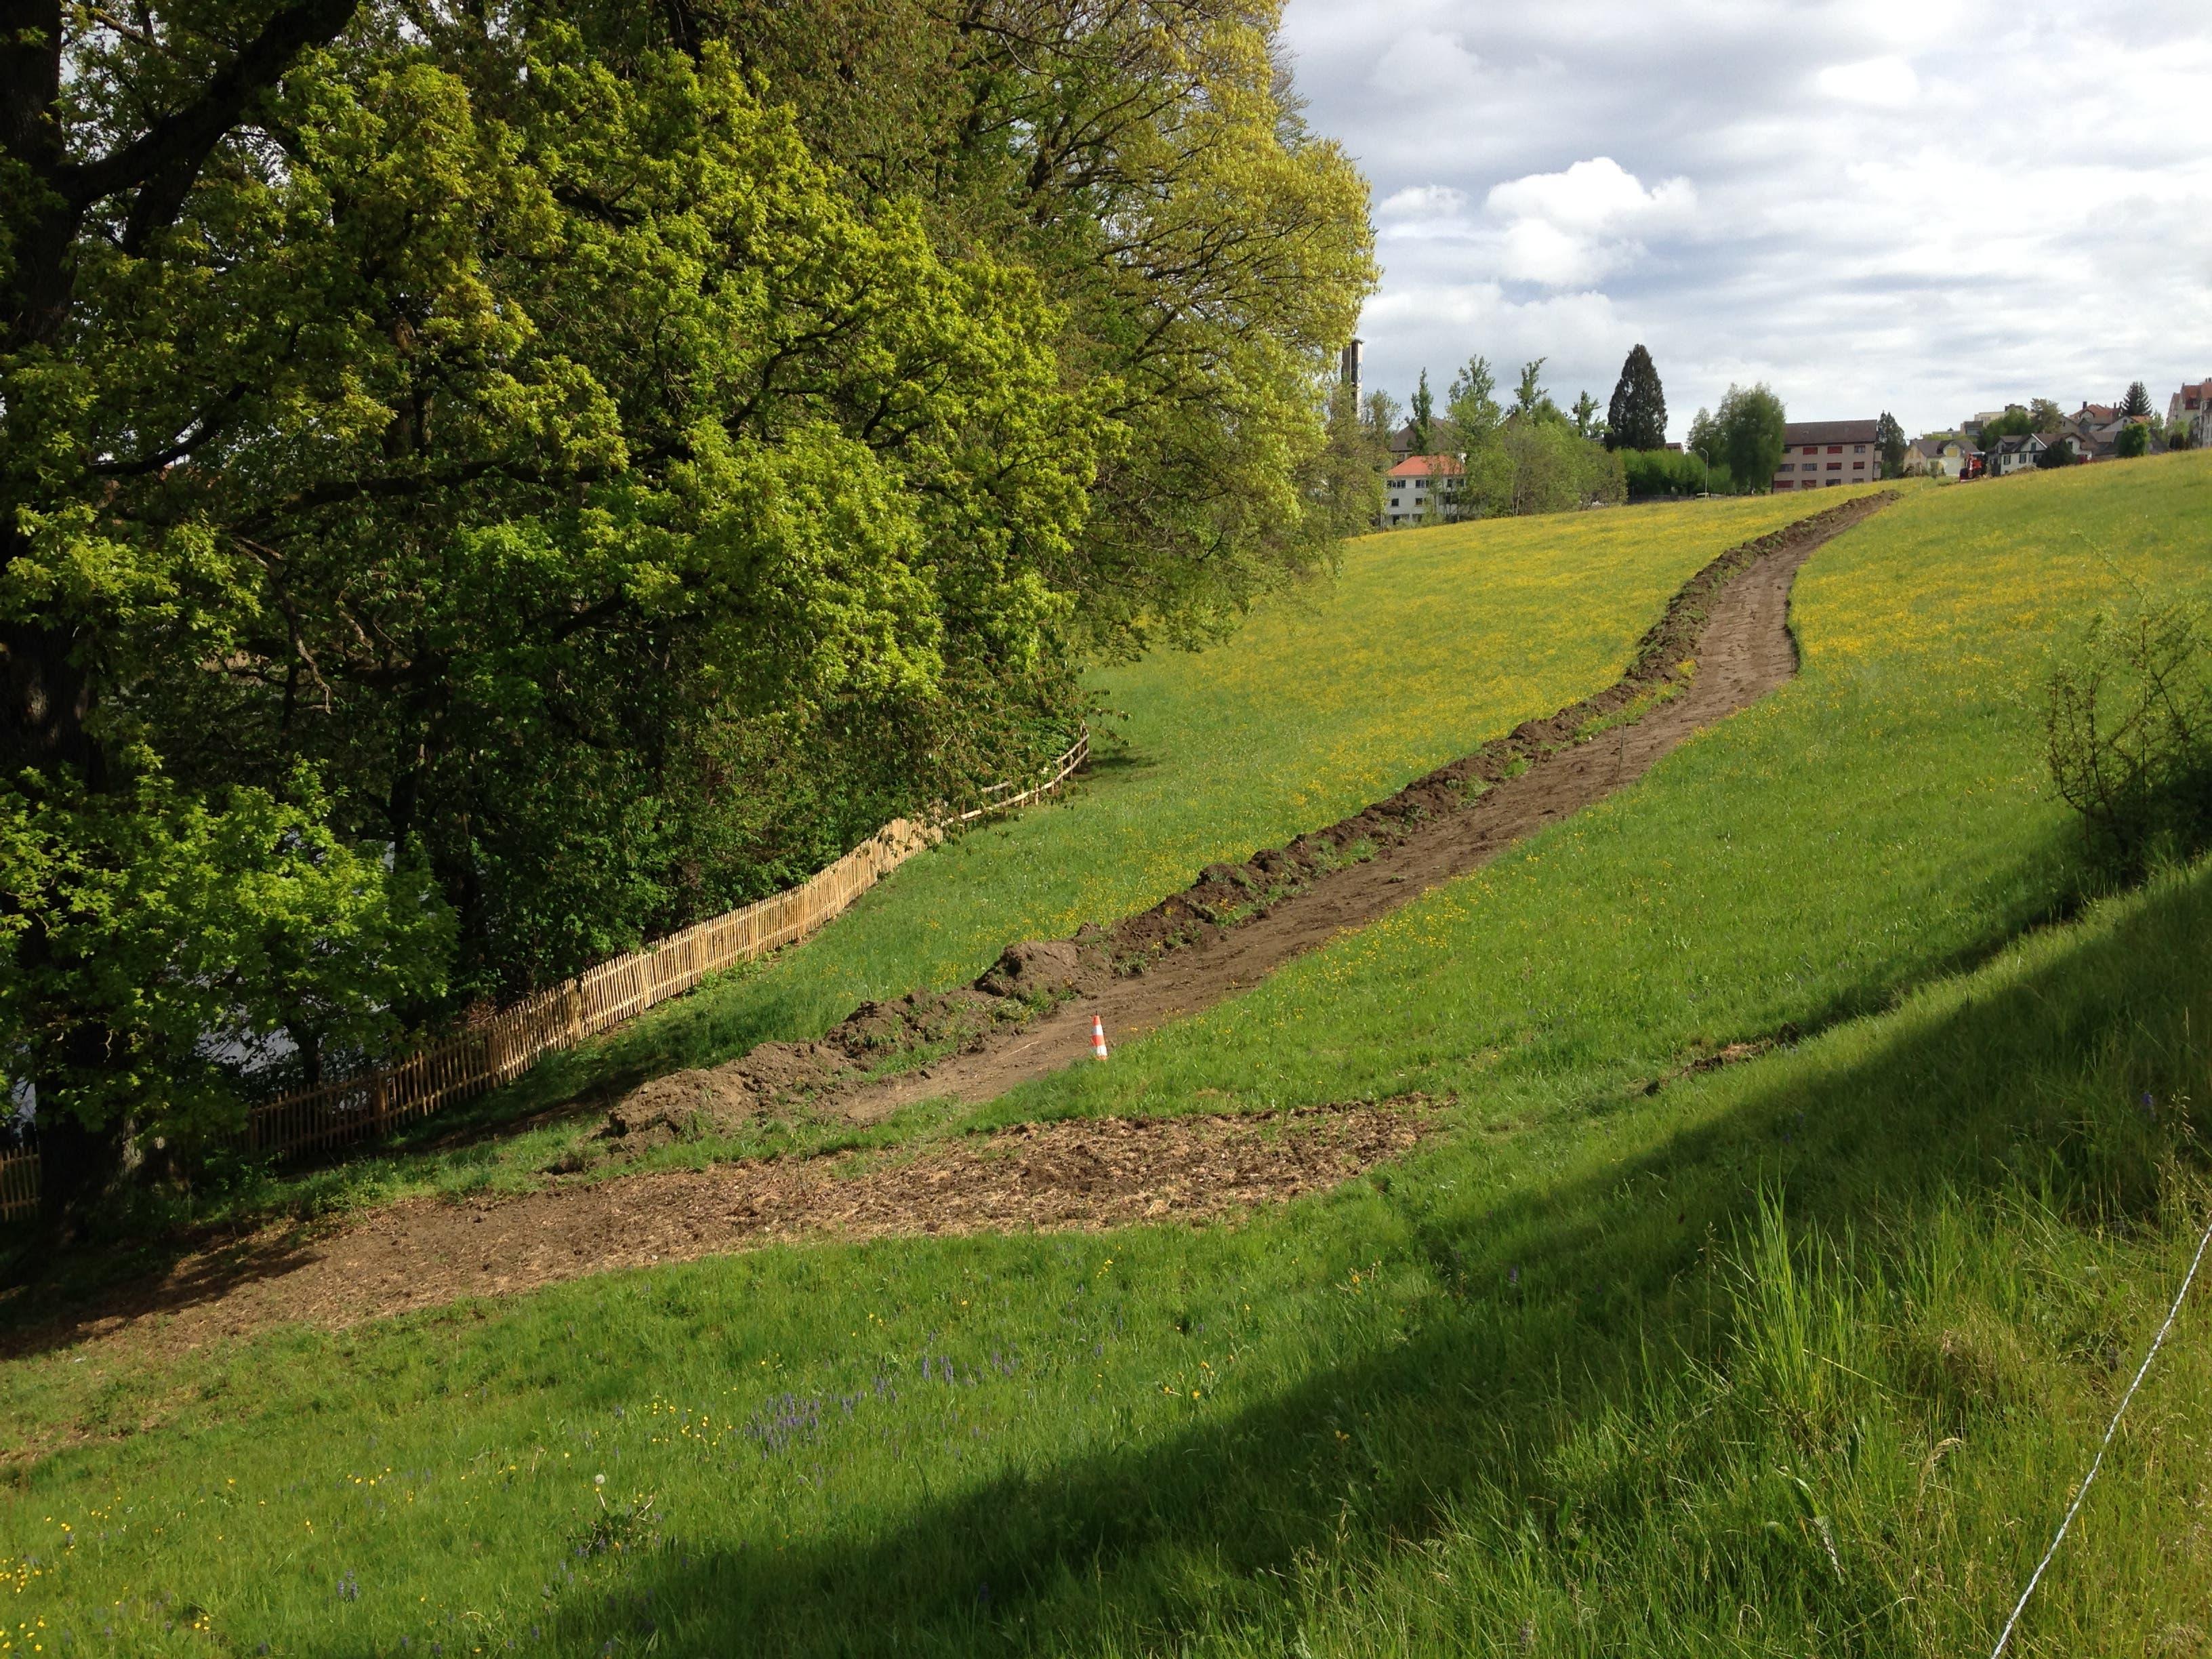 Bereits ist ersichtlich, wie der Weg parallel zur Fürstenlandstrasse zum Damm des unteren Burgweiers führen wird.